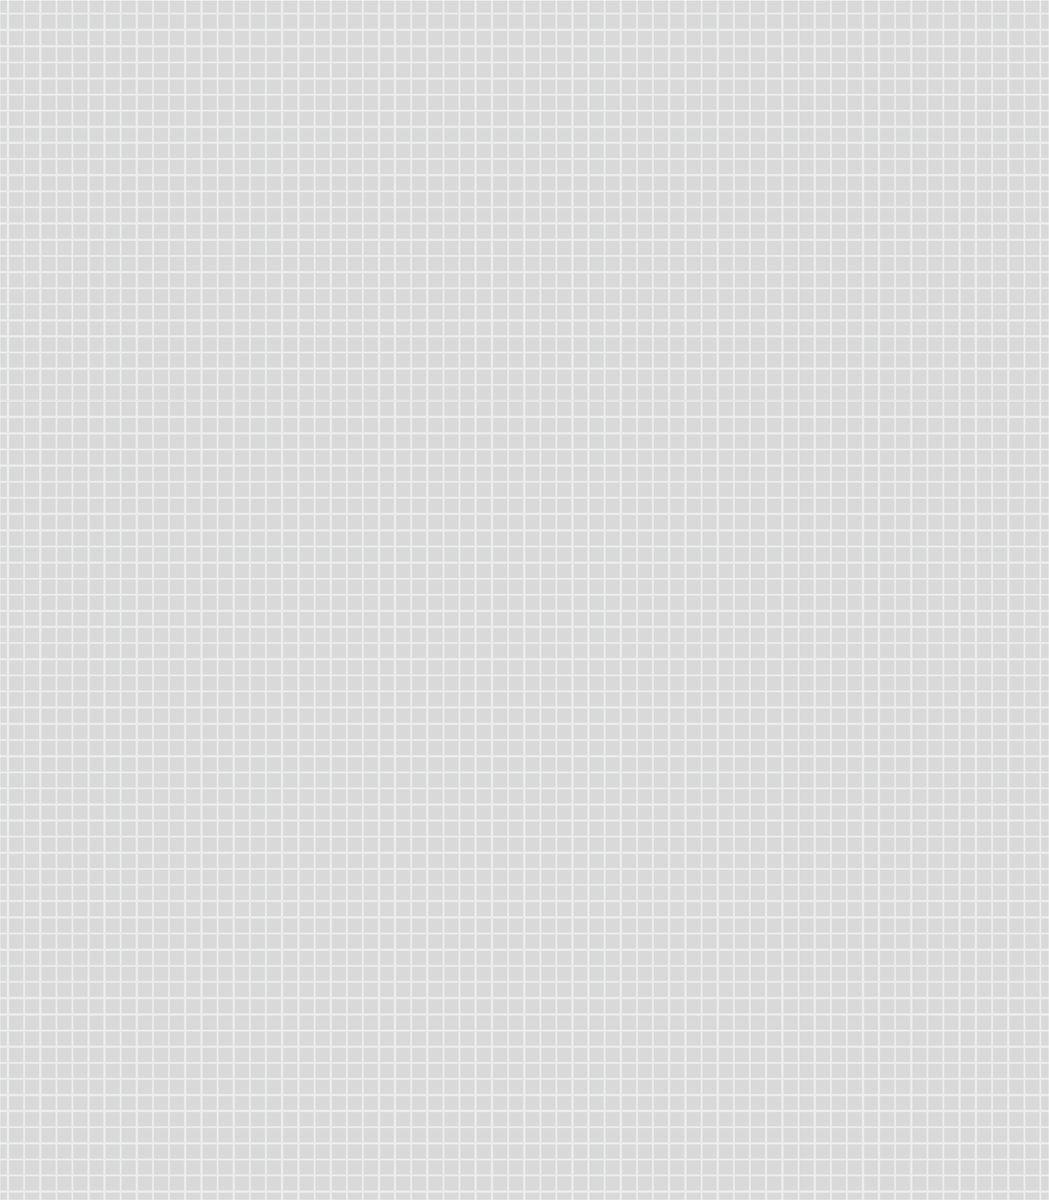 Штора для ванной комнаты Vanstore Квадраты, с кольцами, 180 х 180 см531-105Штора Vanstore Квадраты, выполненная из ПЕВА и EVA (вспененный этиленвинилацетат), оформлена рисунком в виде мелких квадратов. Она надежно защитит от брызг и капель пространство вашей ванной комнаты в то время, пока вы принимаете душ. В верхней кромке шторы предусмотрены отверстия для пластиковых колец (входят в комплект).Оригинальный дизайн шторы наполнит вашу ванную комнату положительной энергией. Количество колец: 12 шт.